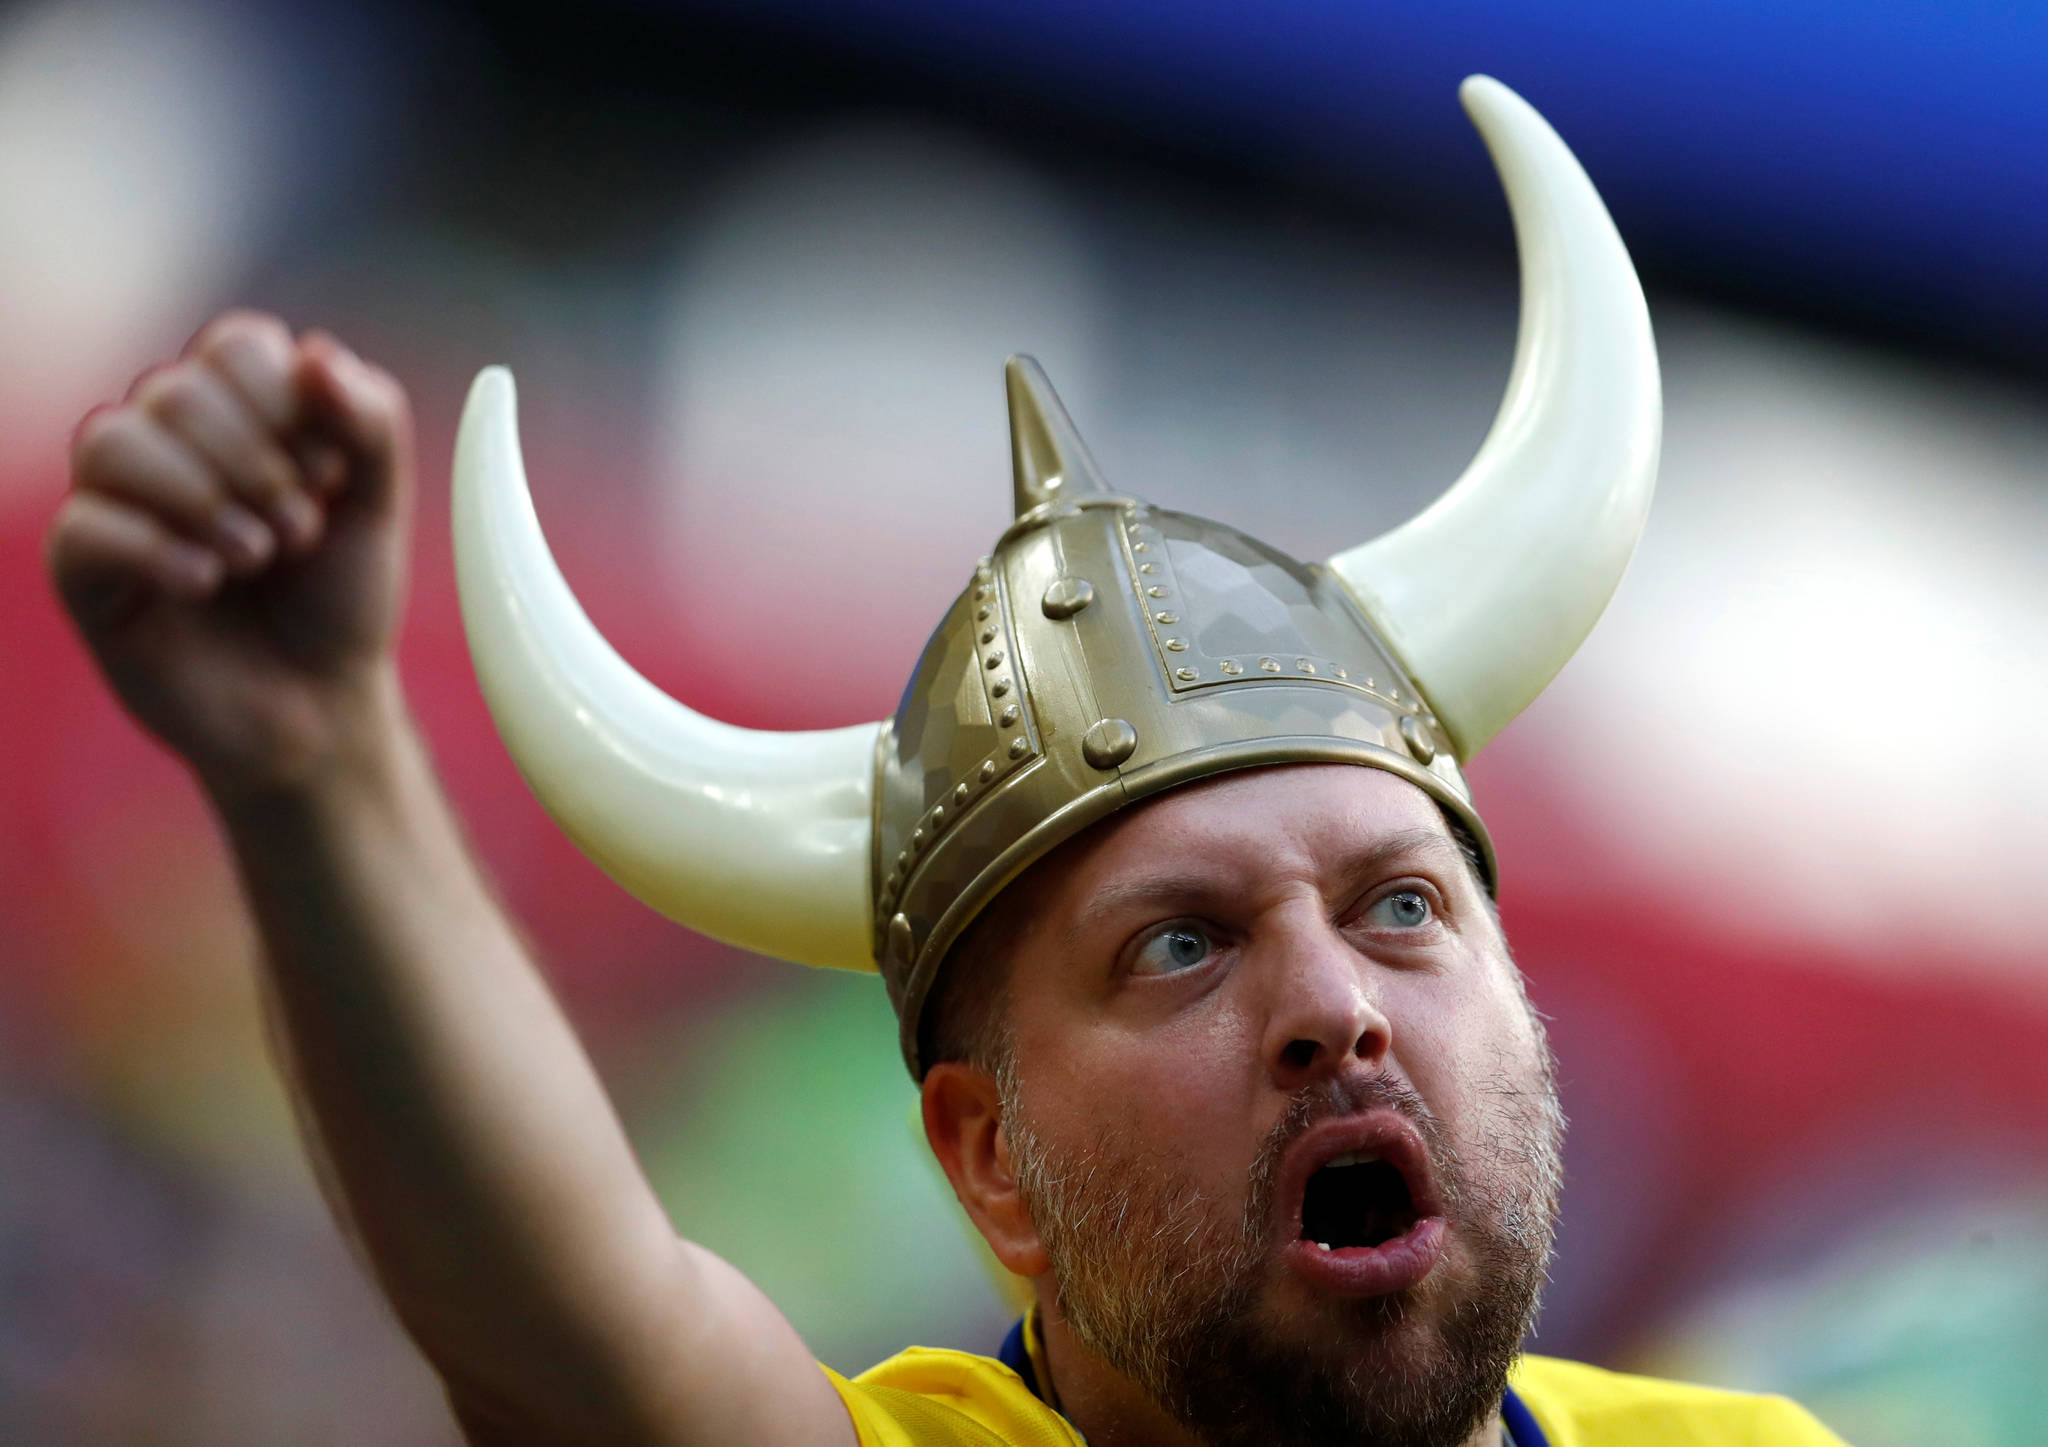 지난 3일 열린 스웨덴과 스위스의 16강 경기에서 자국팀을 응원하는 한 스웨덴 축구팬.[연합뉴스]